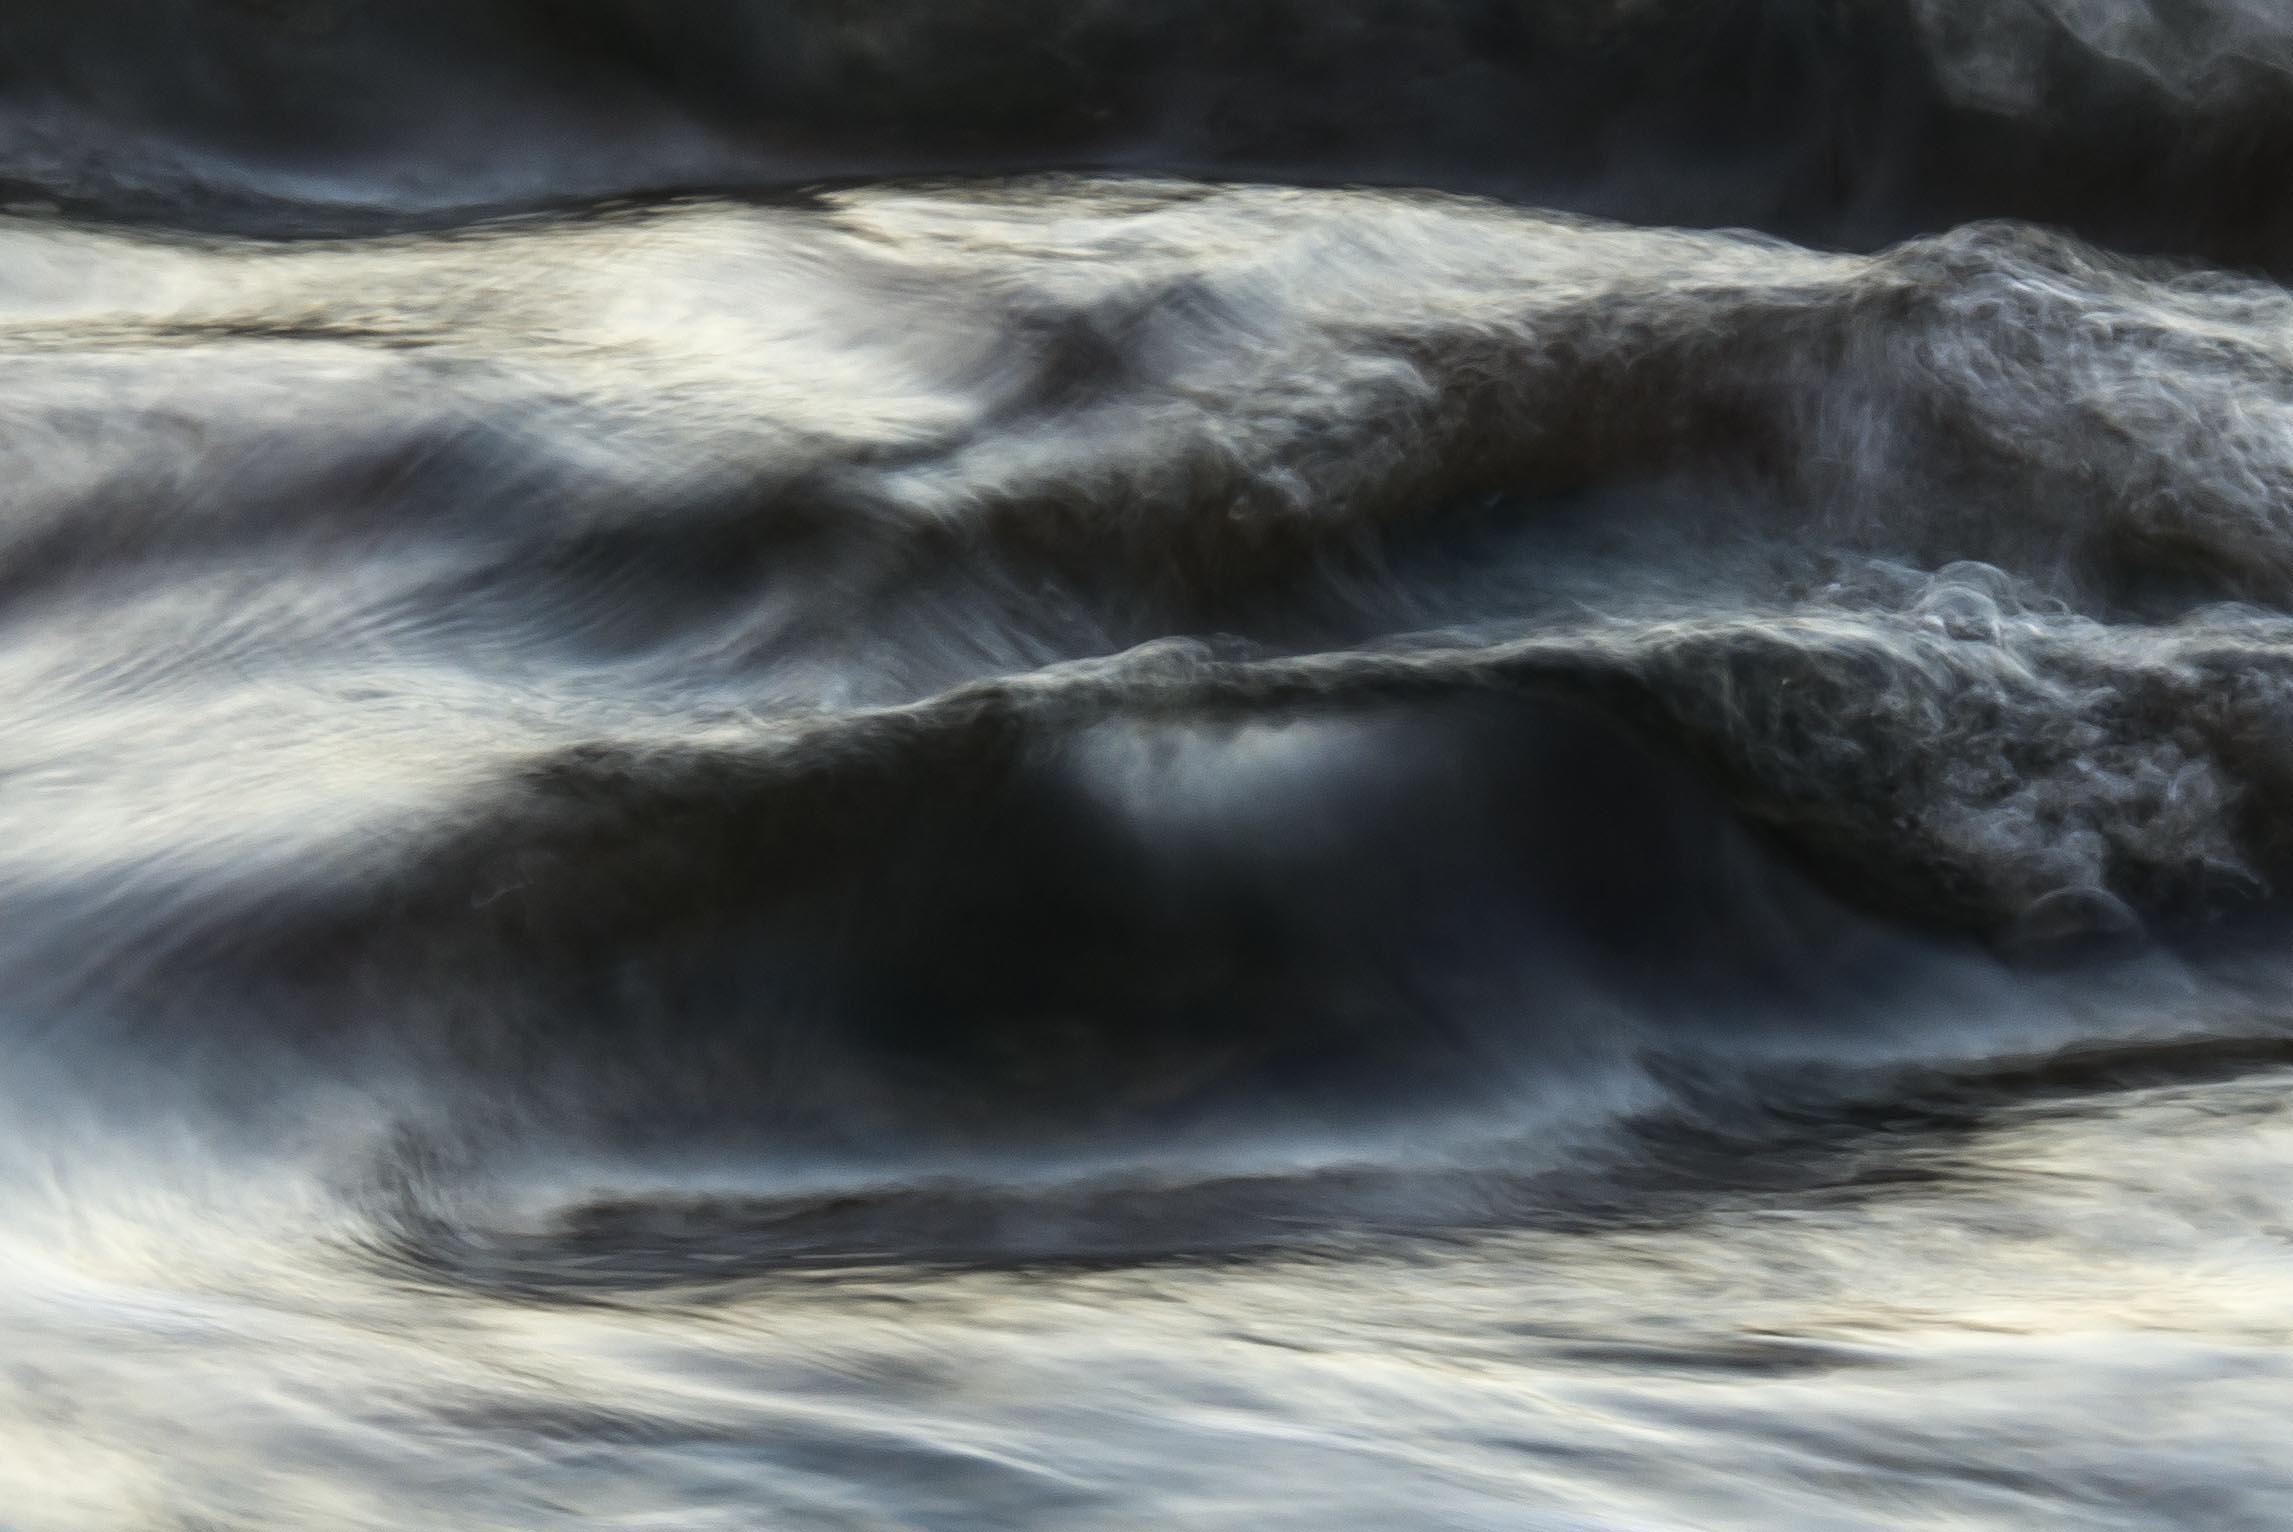 L'ombre et l'eau sonore, 2013